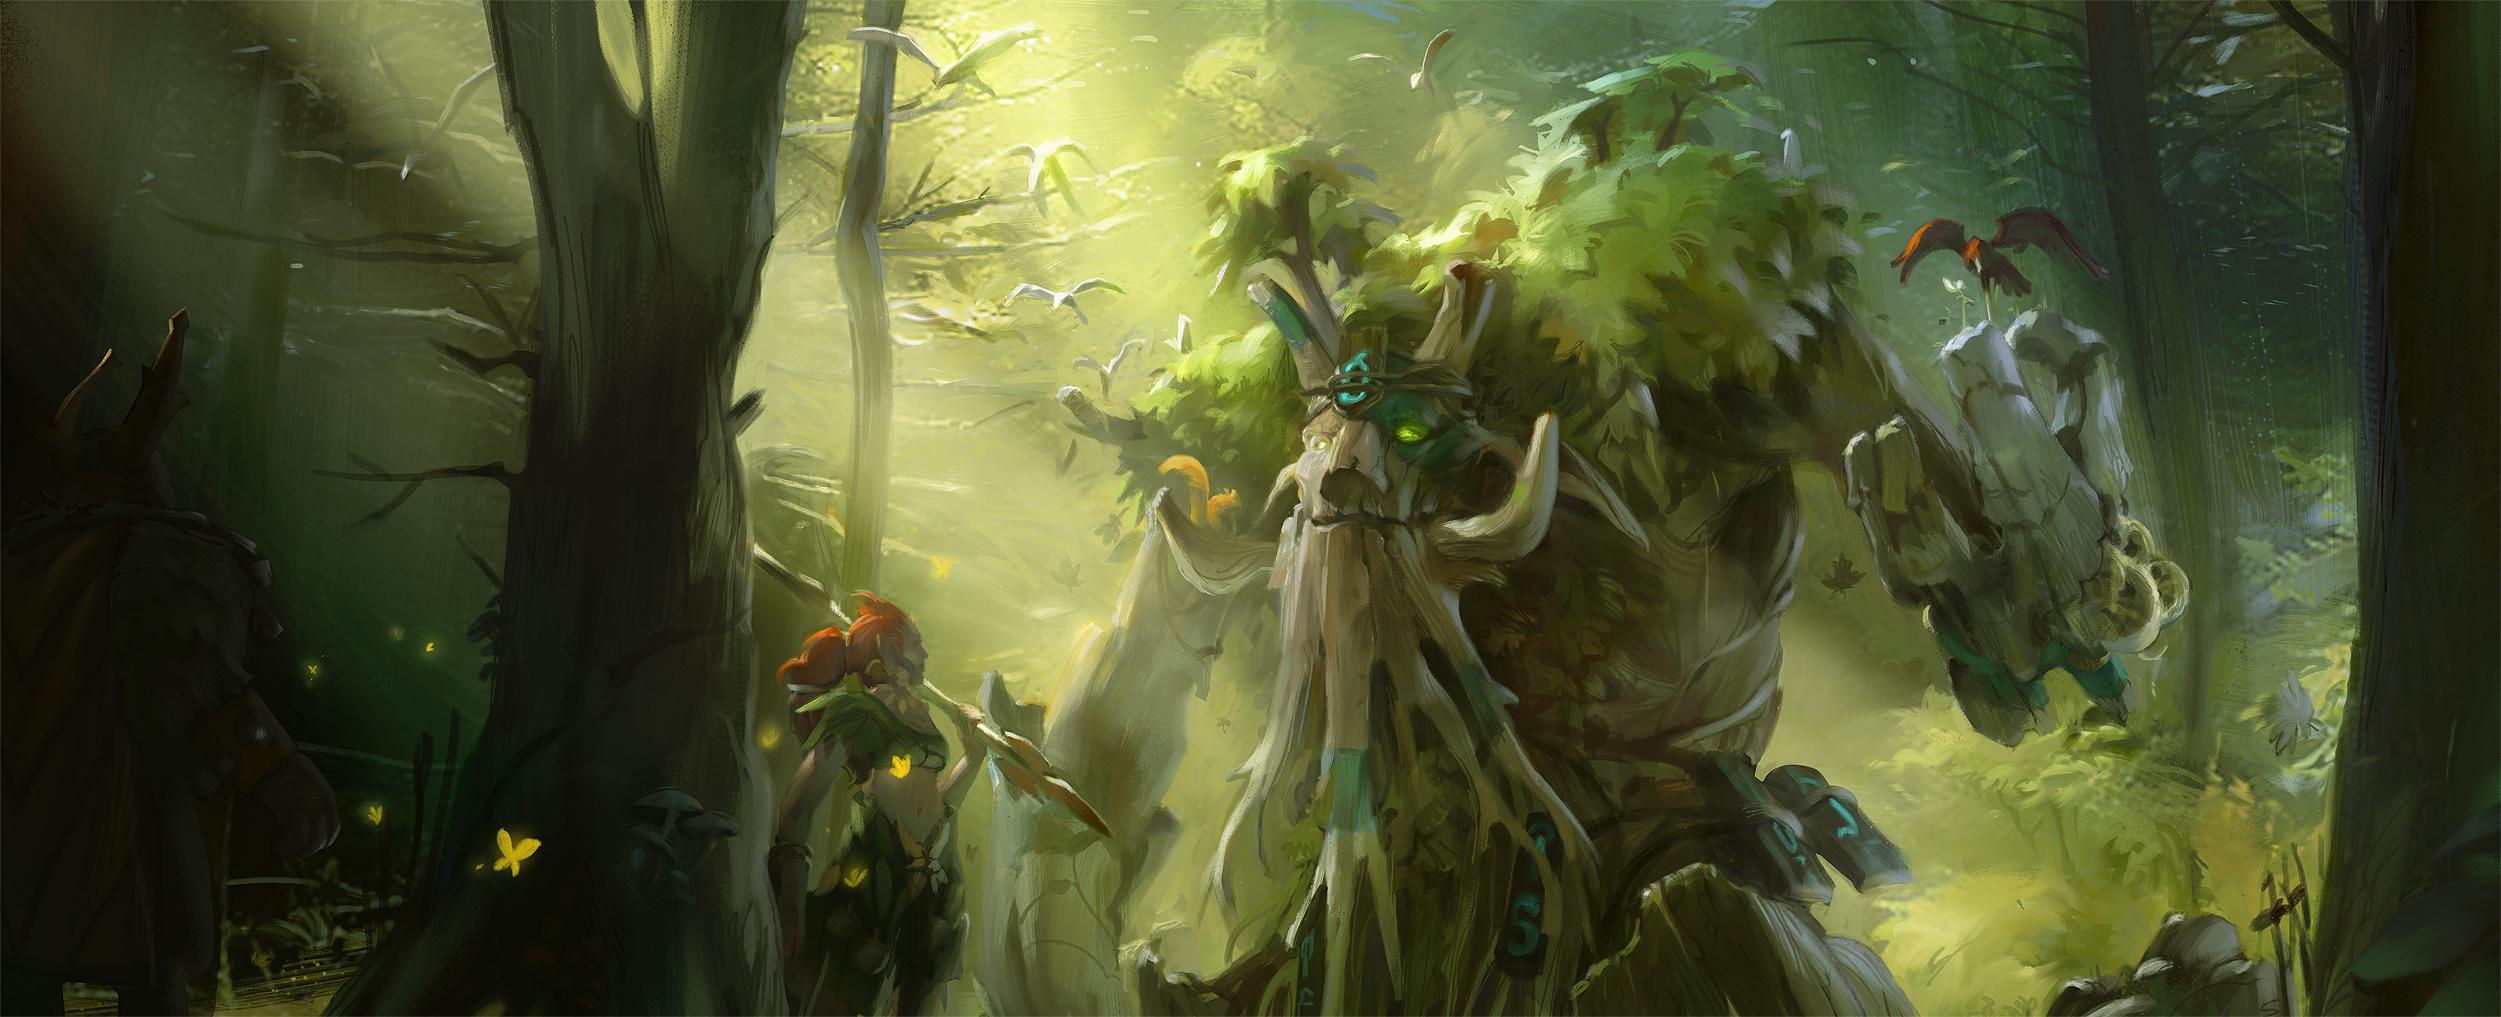 Loạt ảnh nguyên họa của các hero trong DotA 2 - Ảnh 19